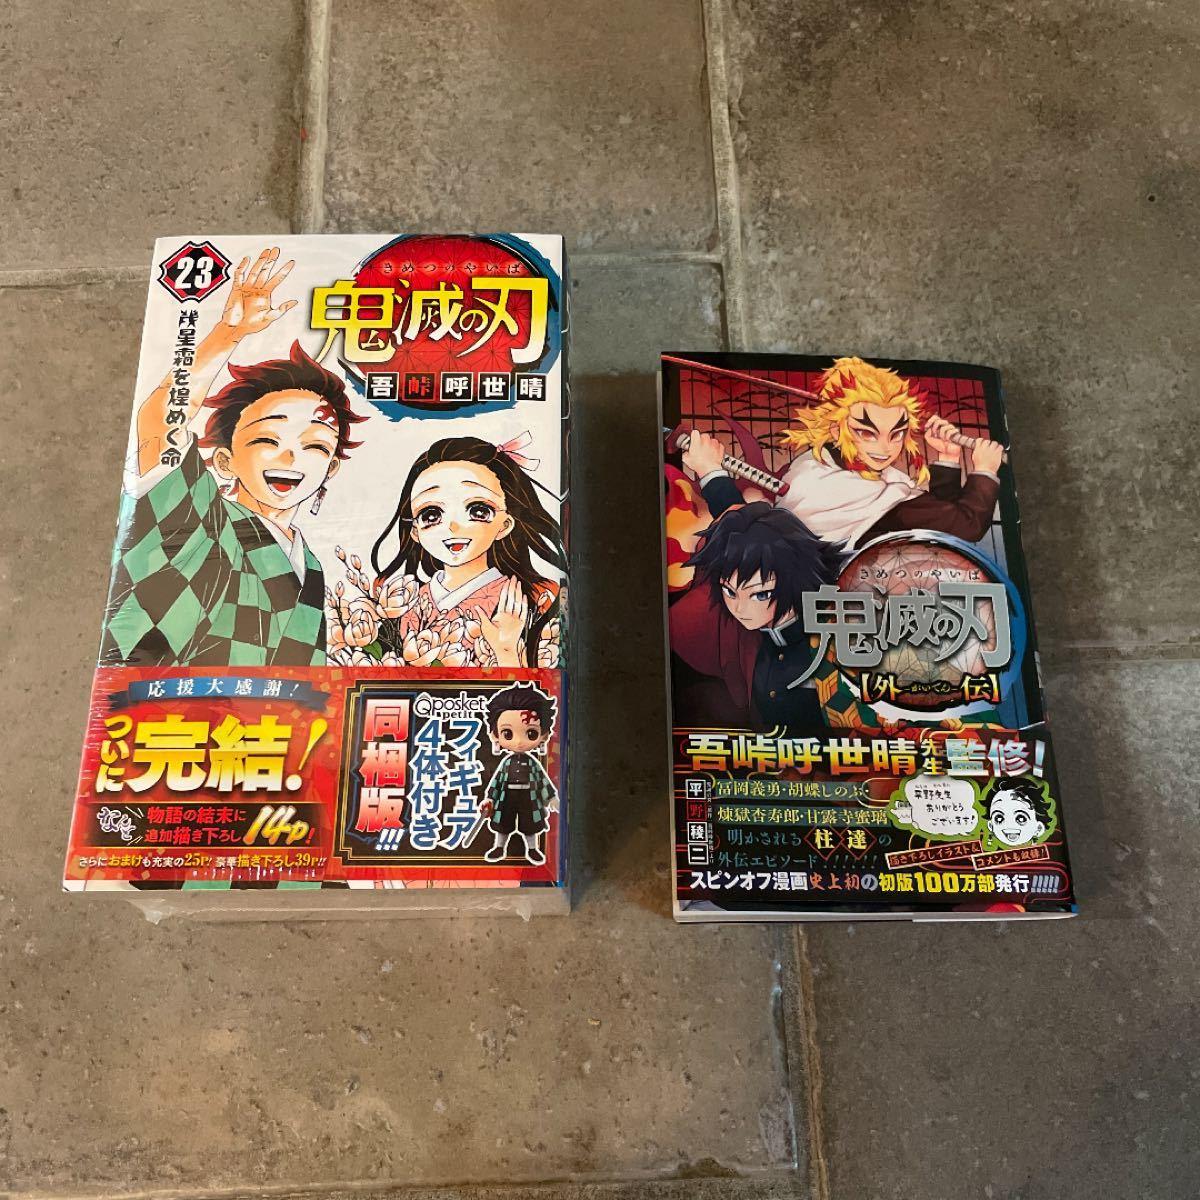 鬼滅の刃 23巻 フィギュア付き同梱版、外伝